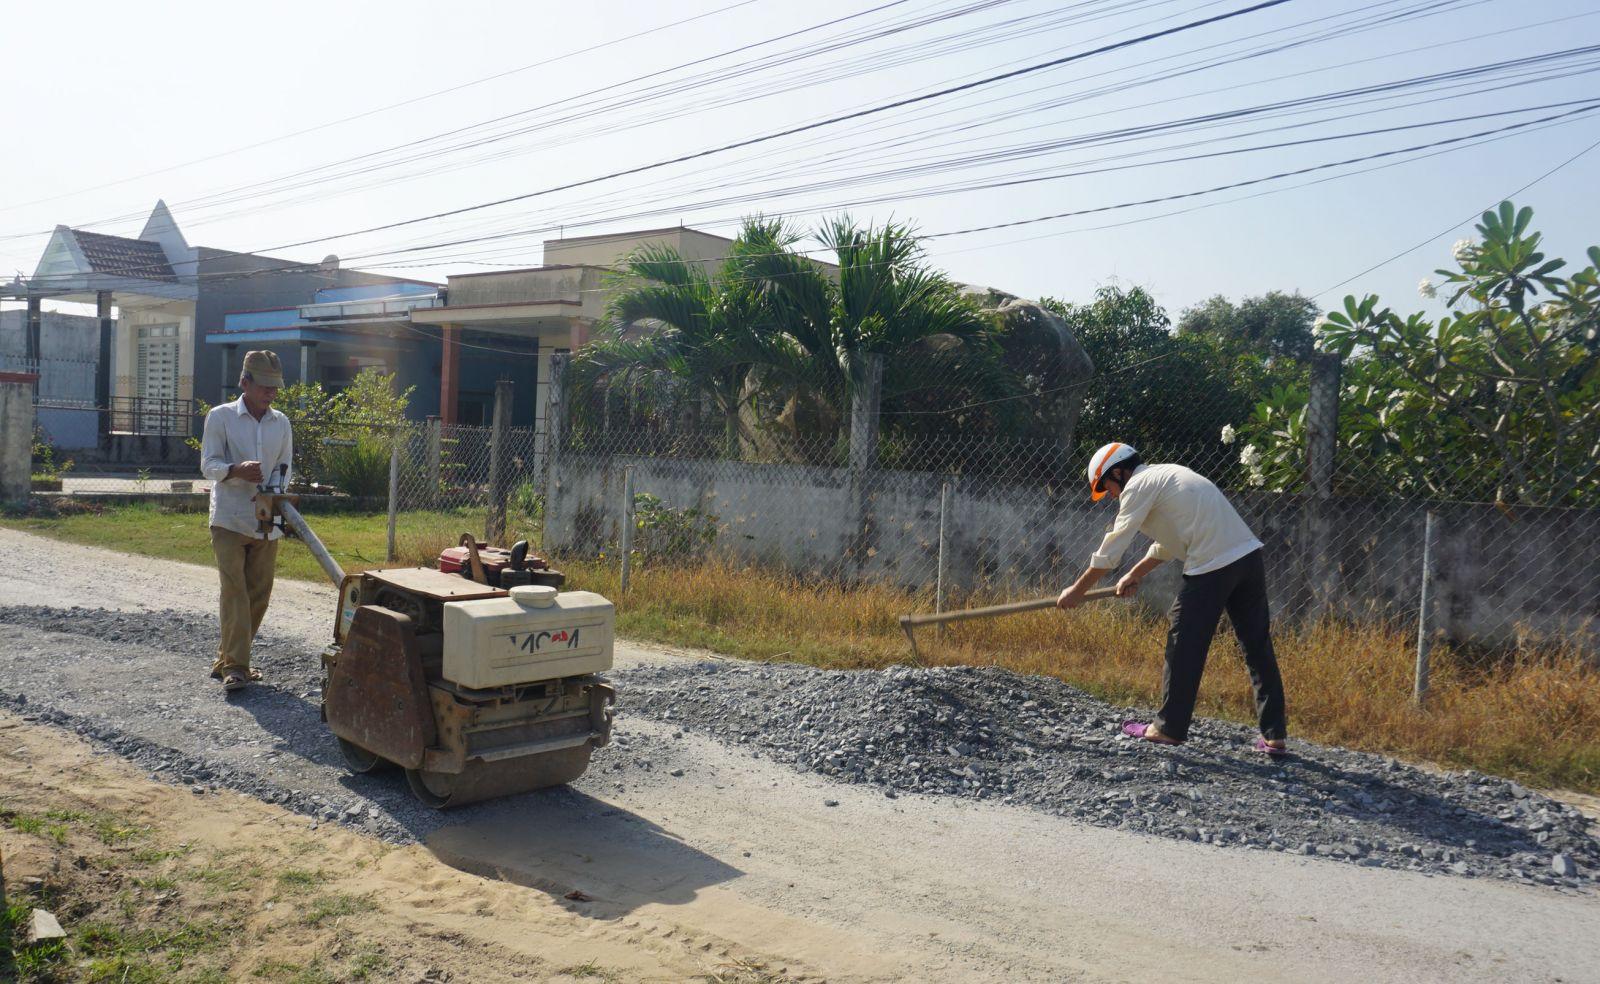 Ông Nguyễn Công Lao giặm vá đường tự nguyện hơn 10 năm qua